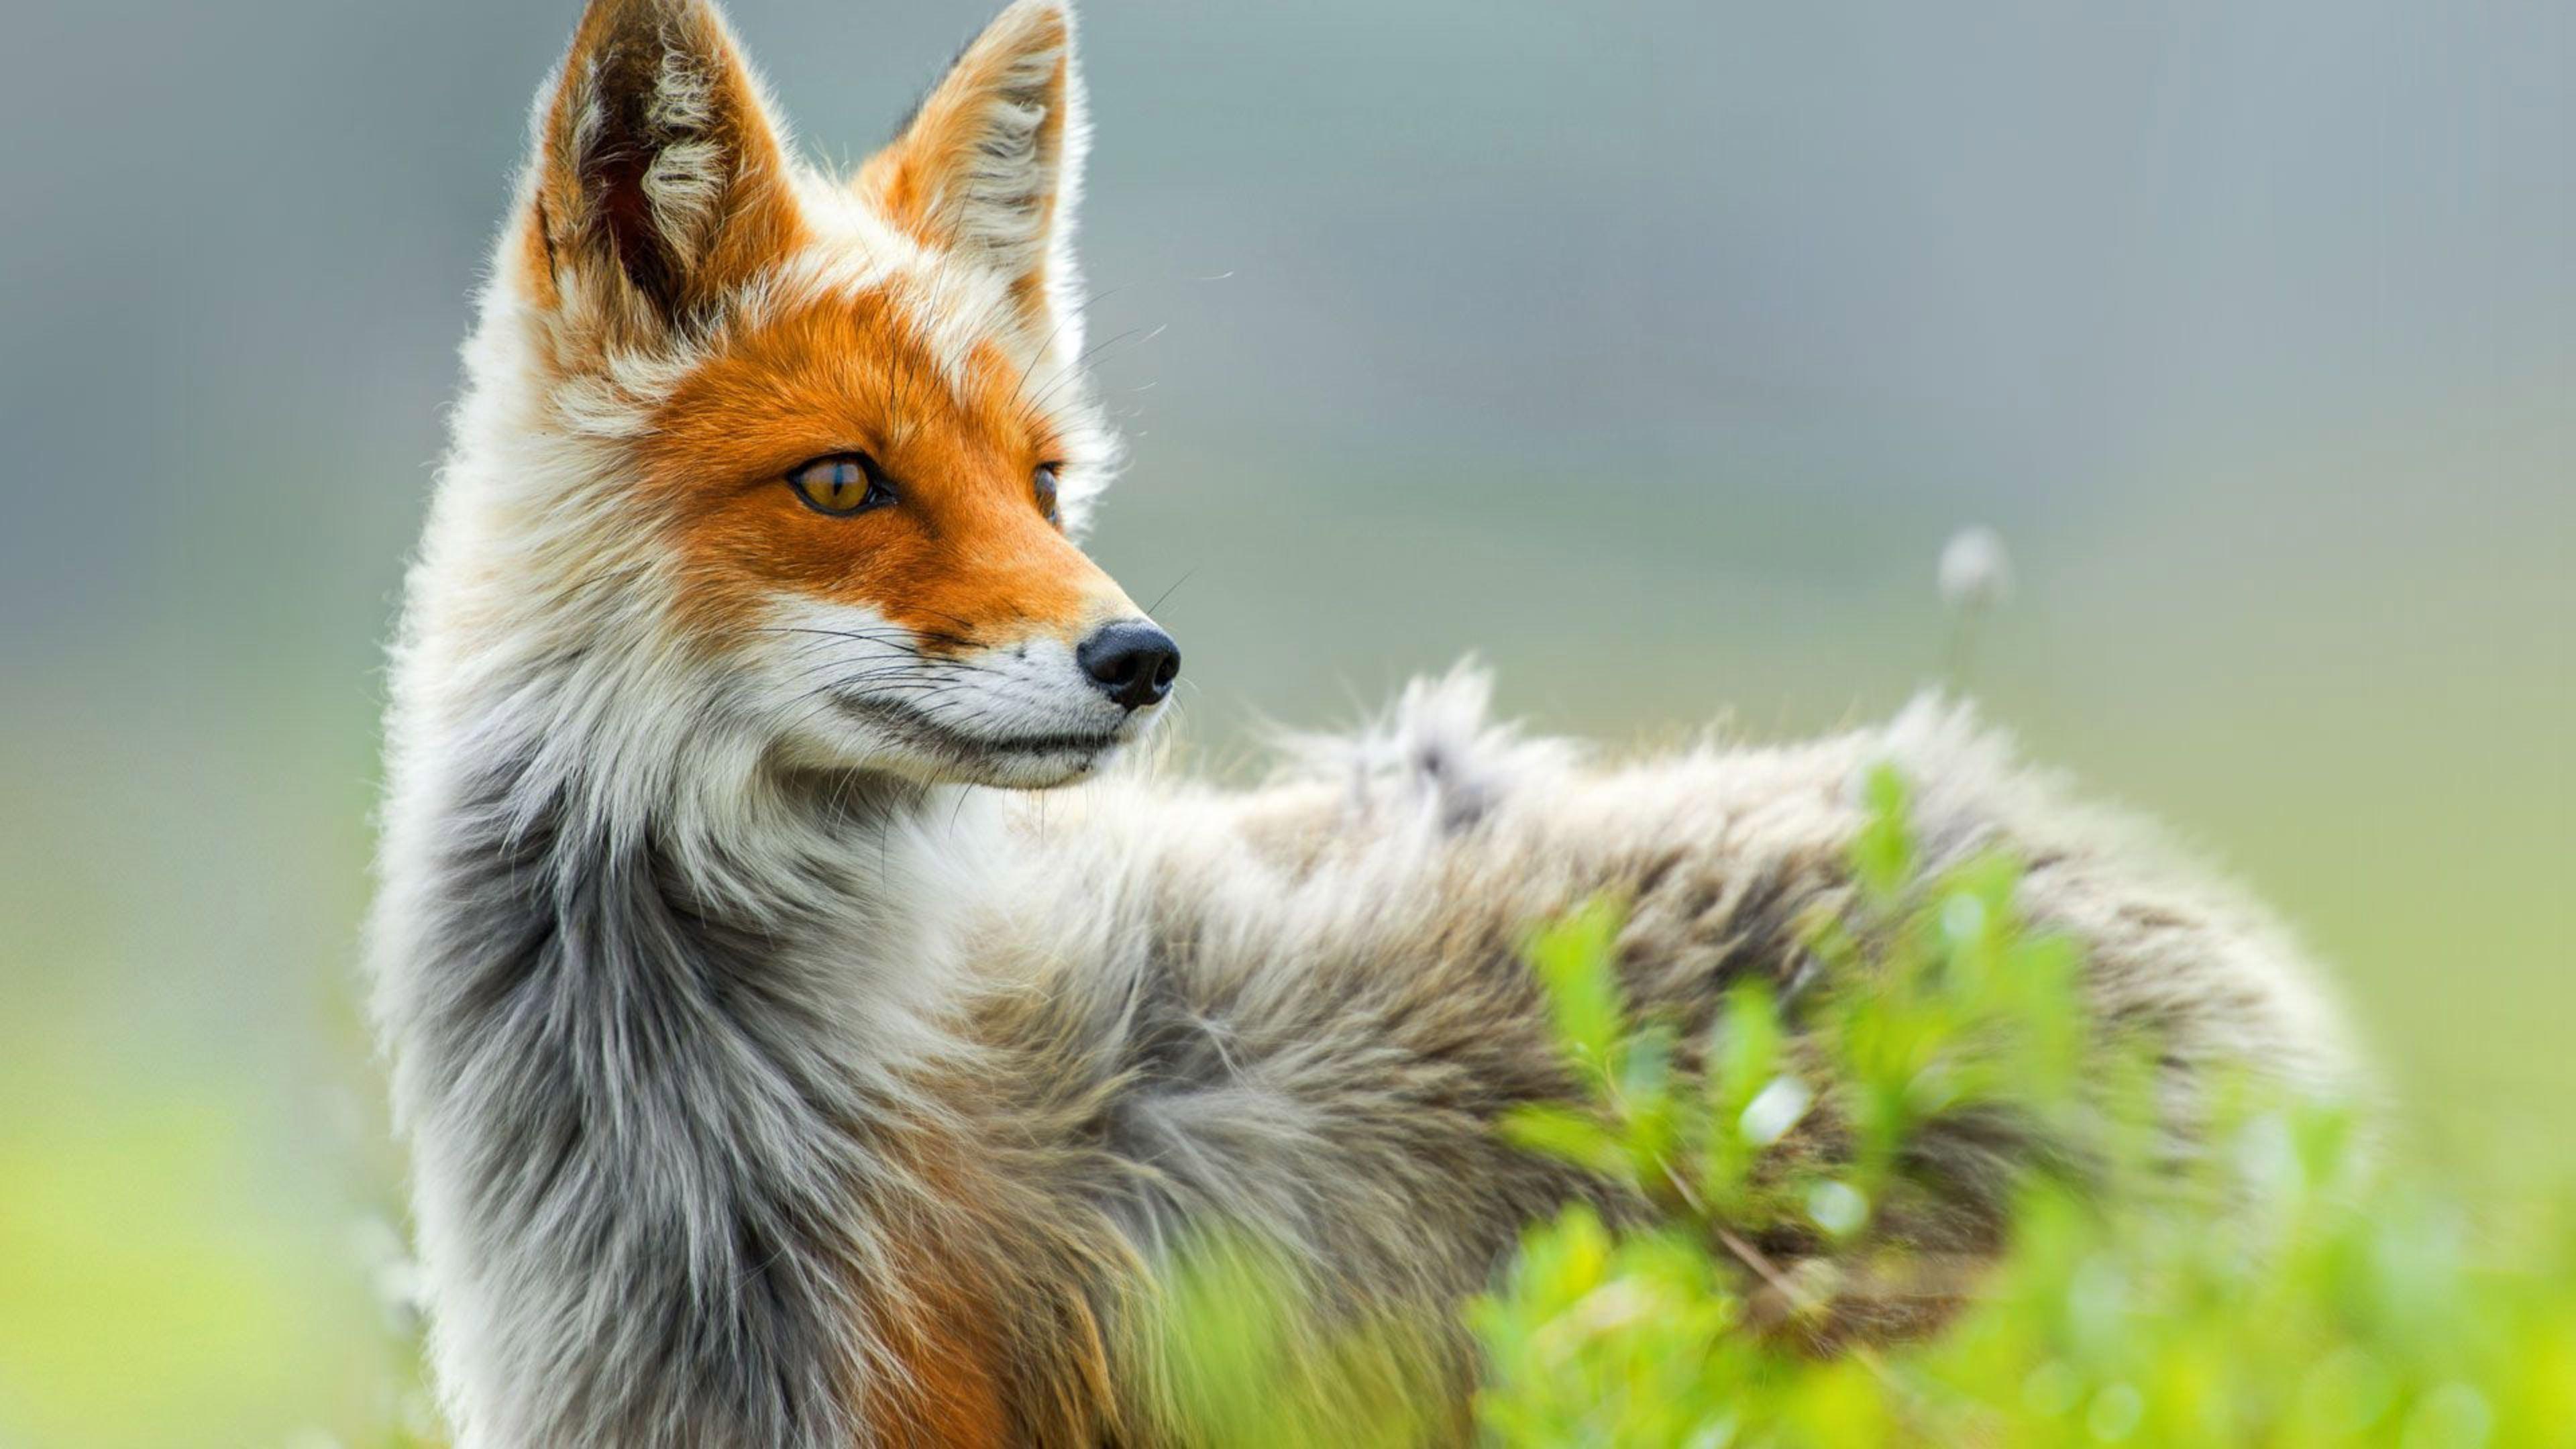 знаем, фото красивых животных на обложку предложен